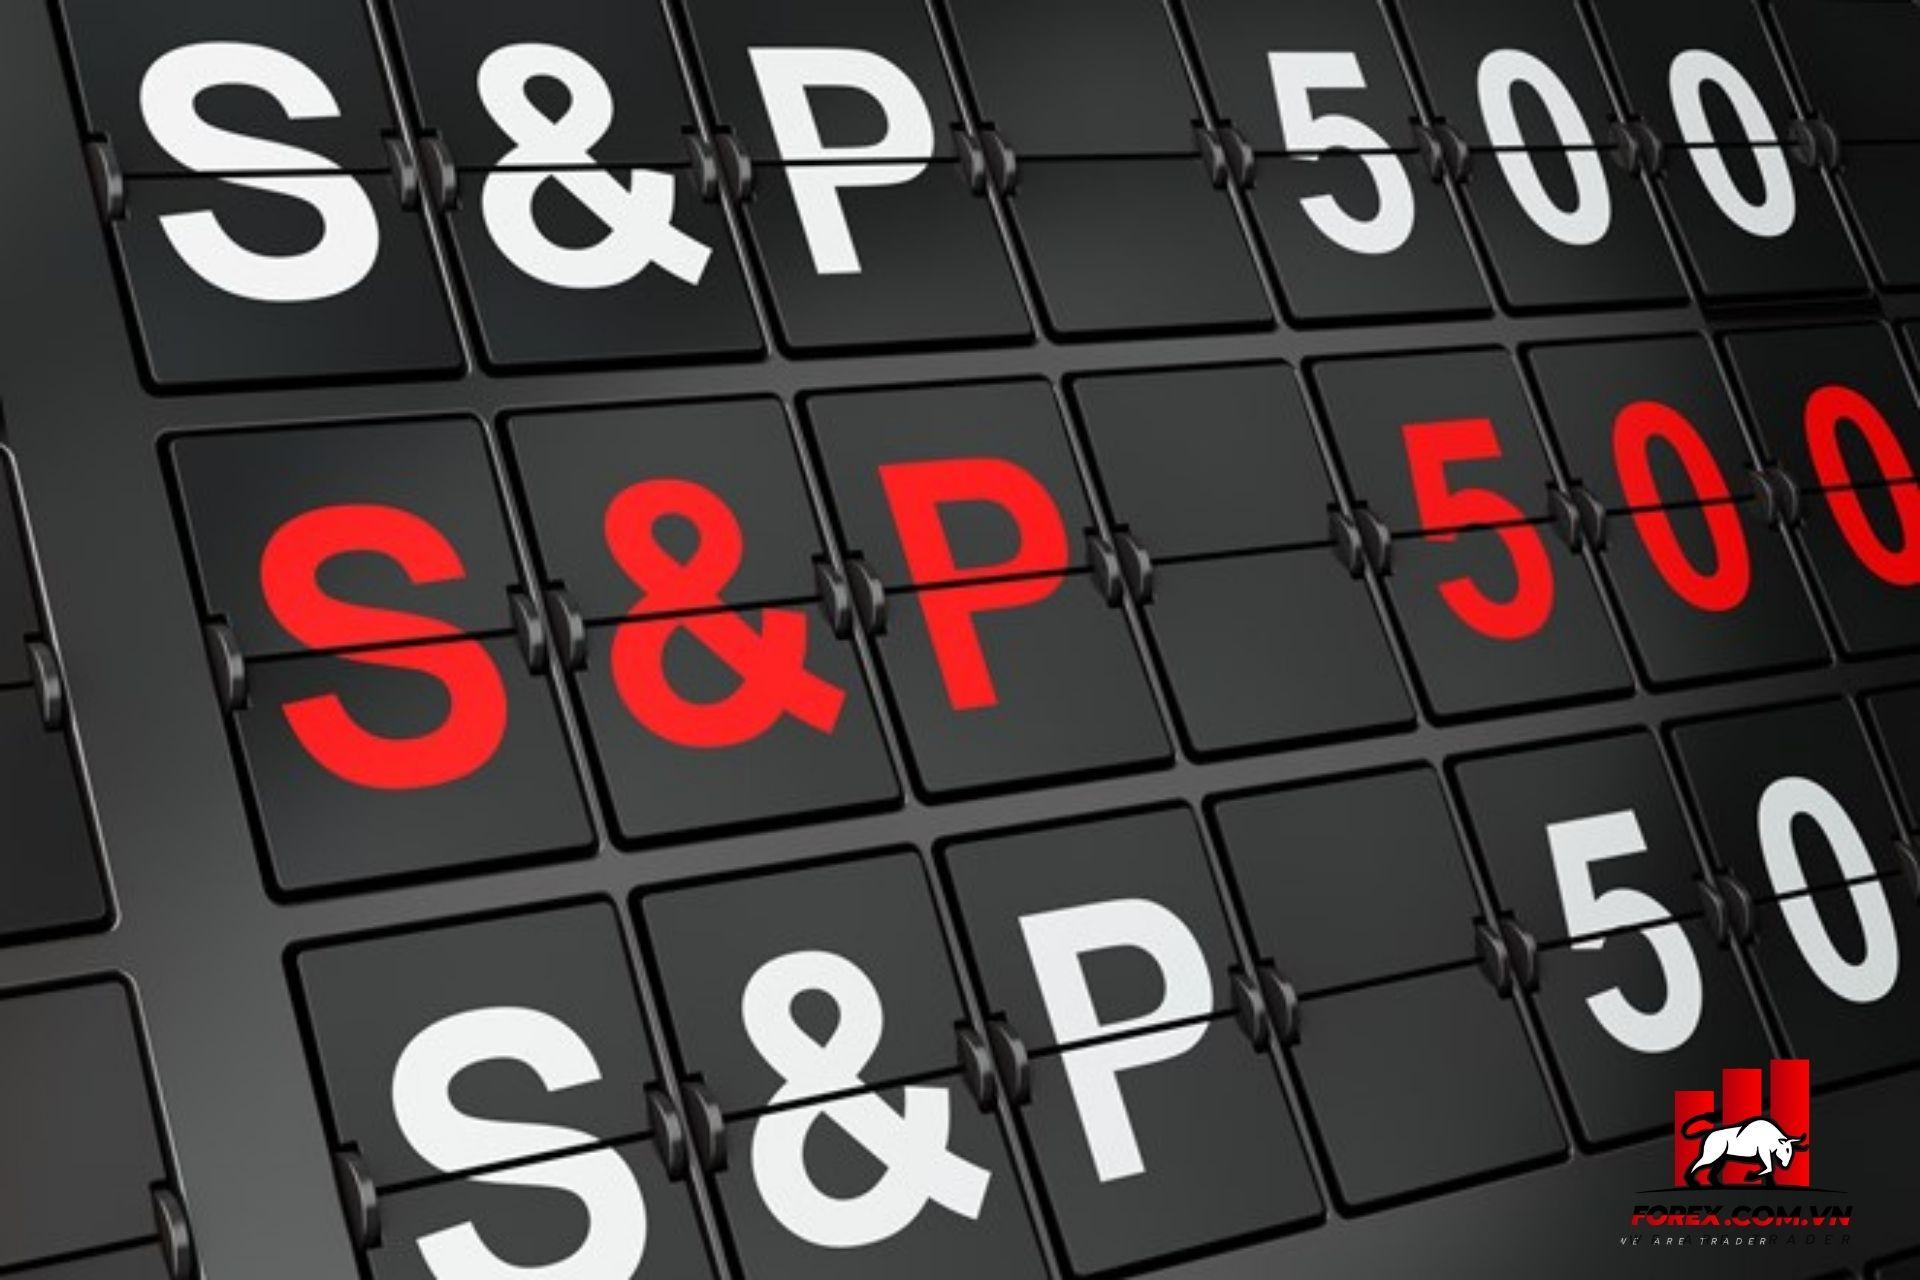 chỉ số s&p 500 thị trường chứng khoán Mỹ sụt giảm